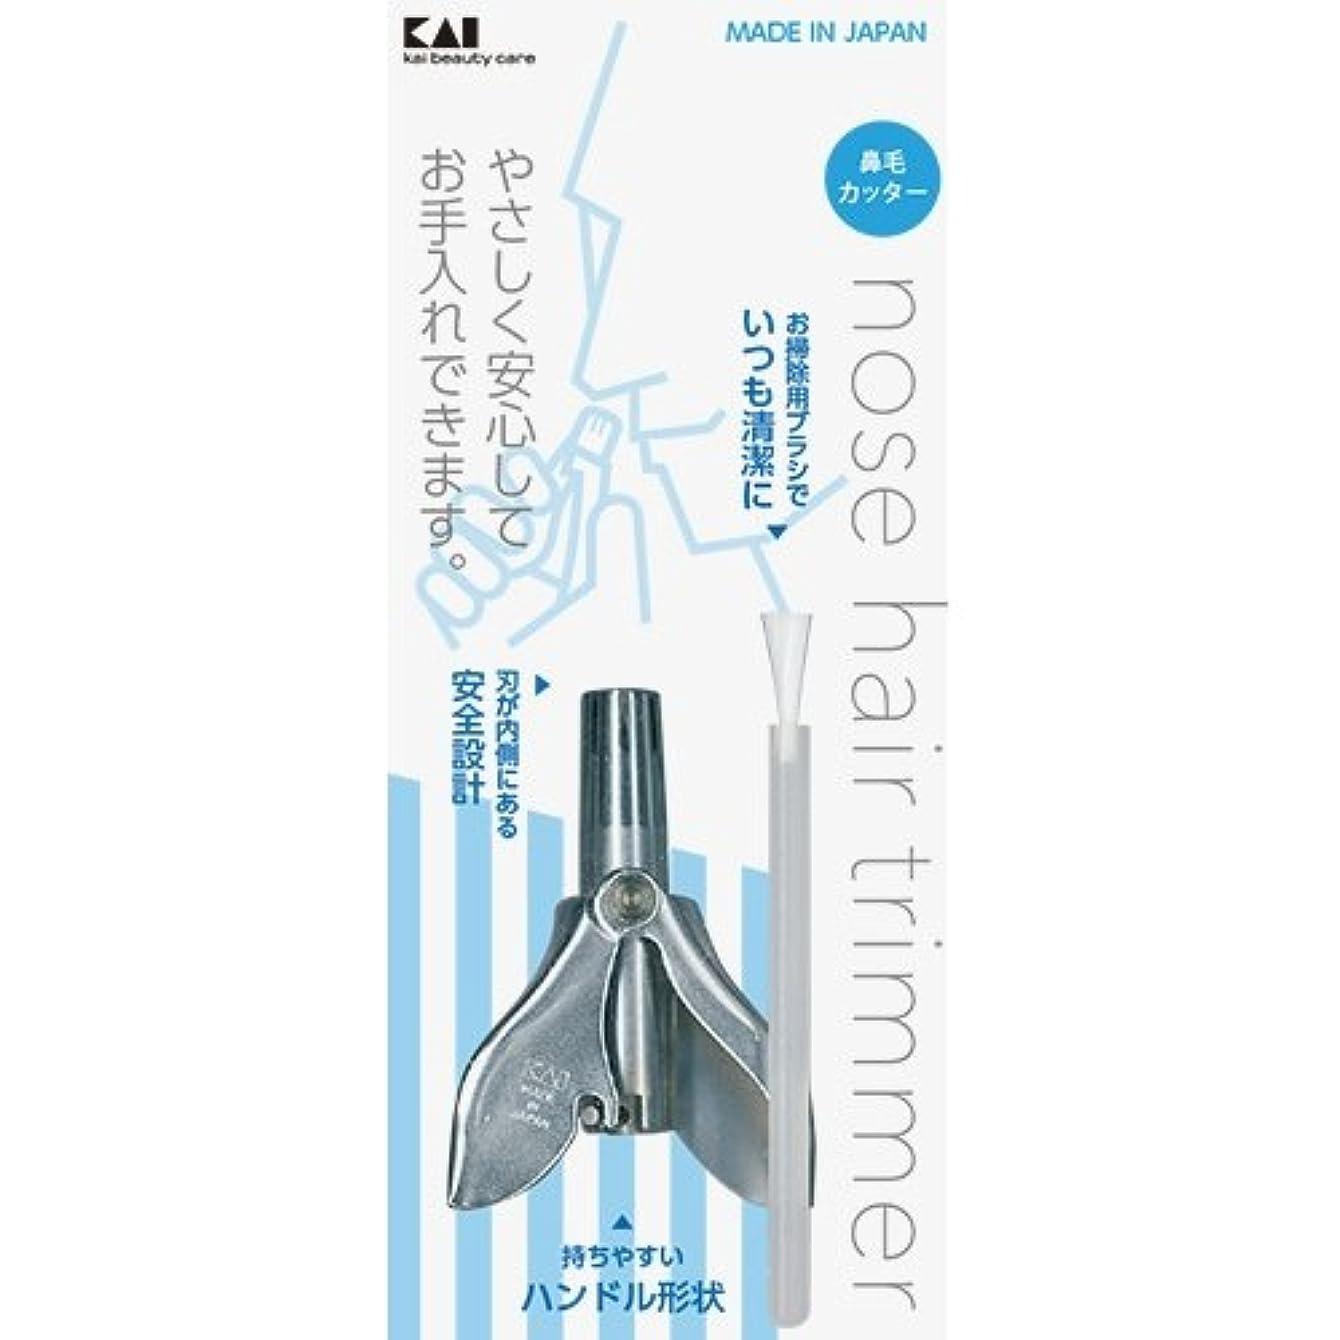 カメ予定トースト鼻毛カッター (回転式 ) KQ3037